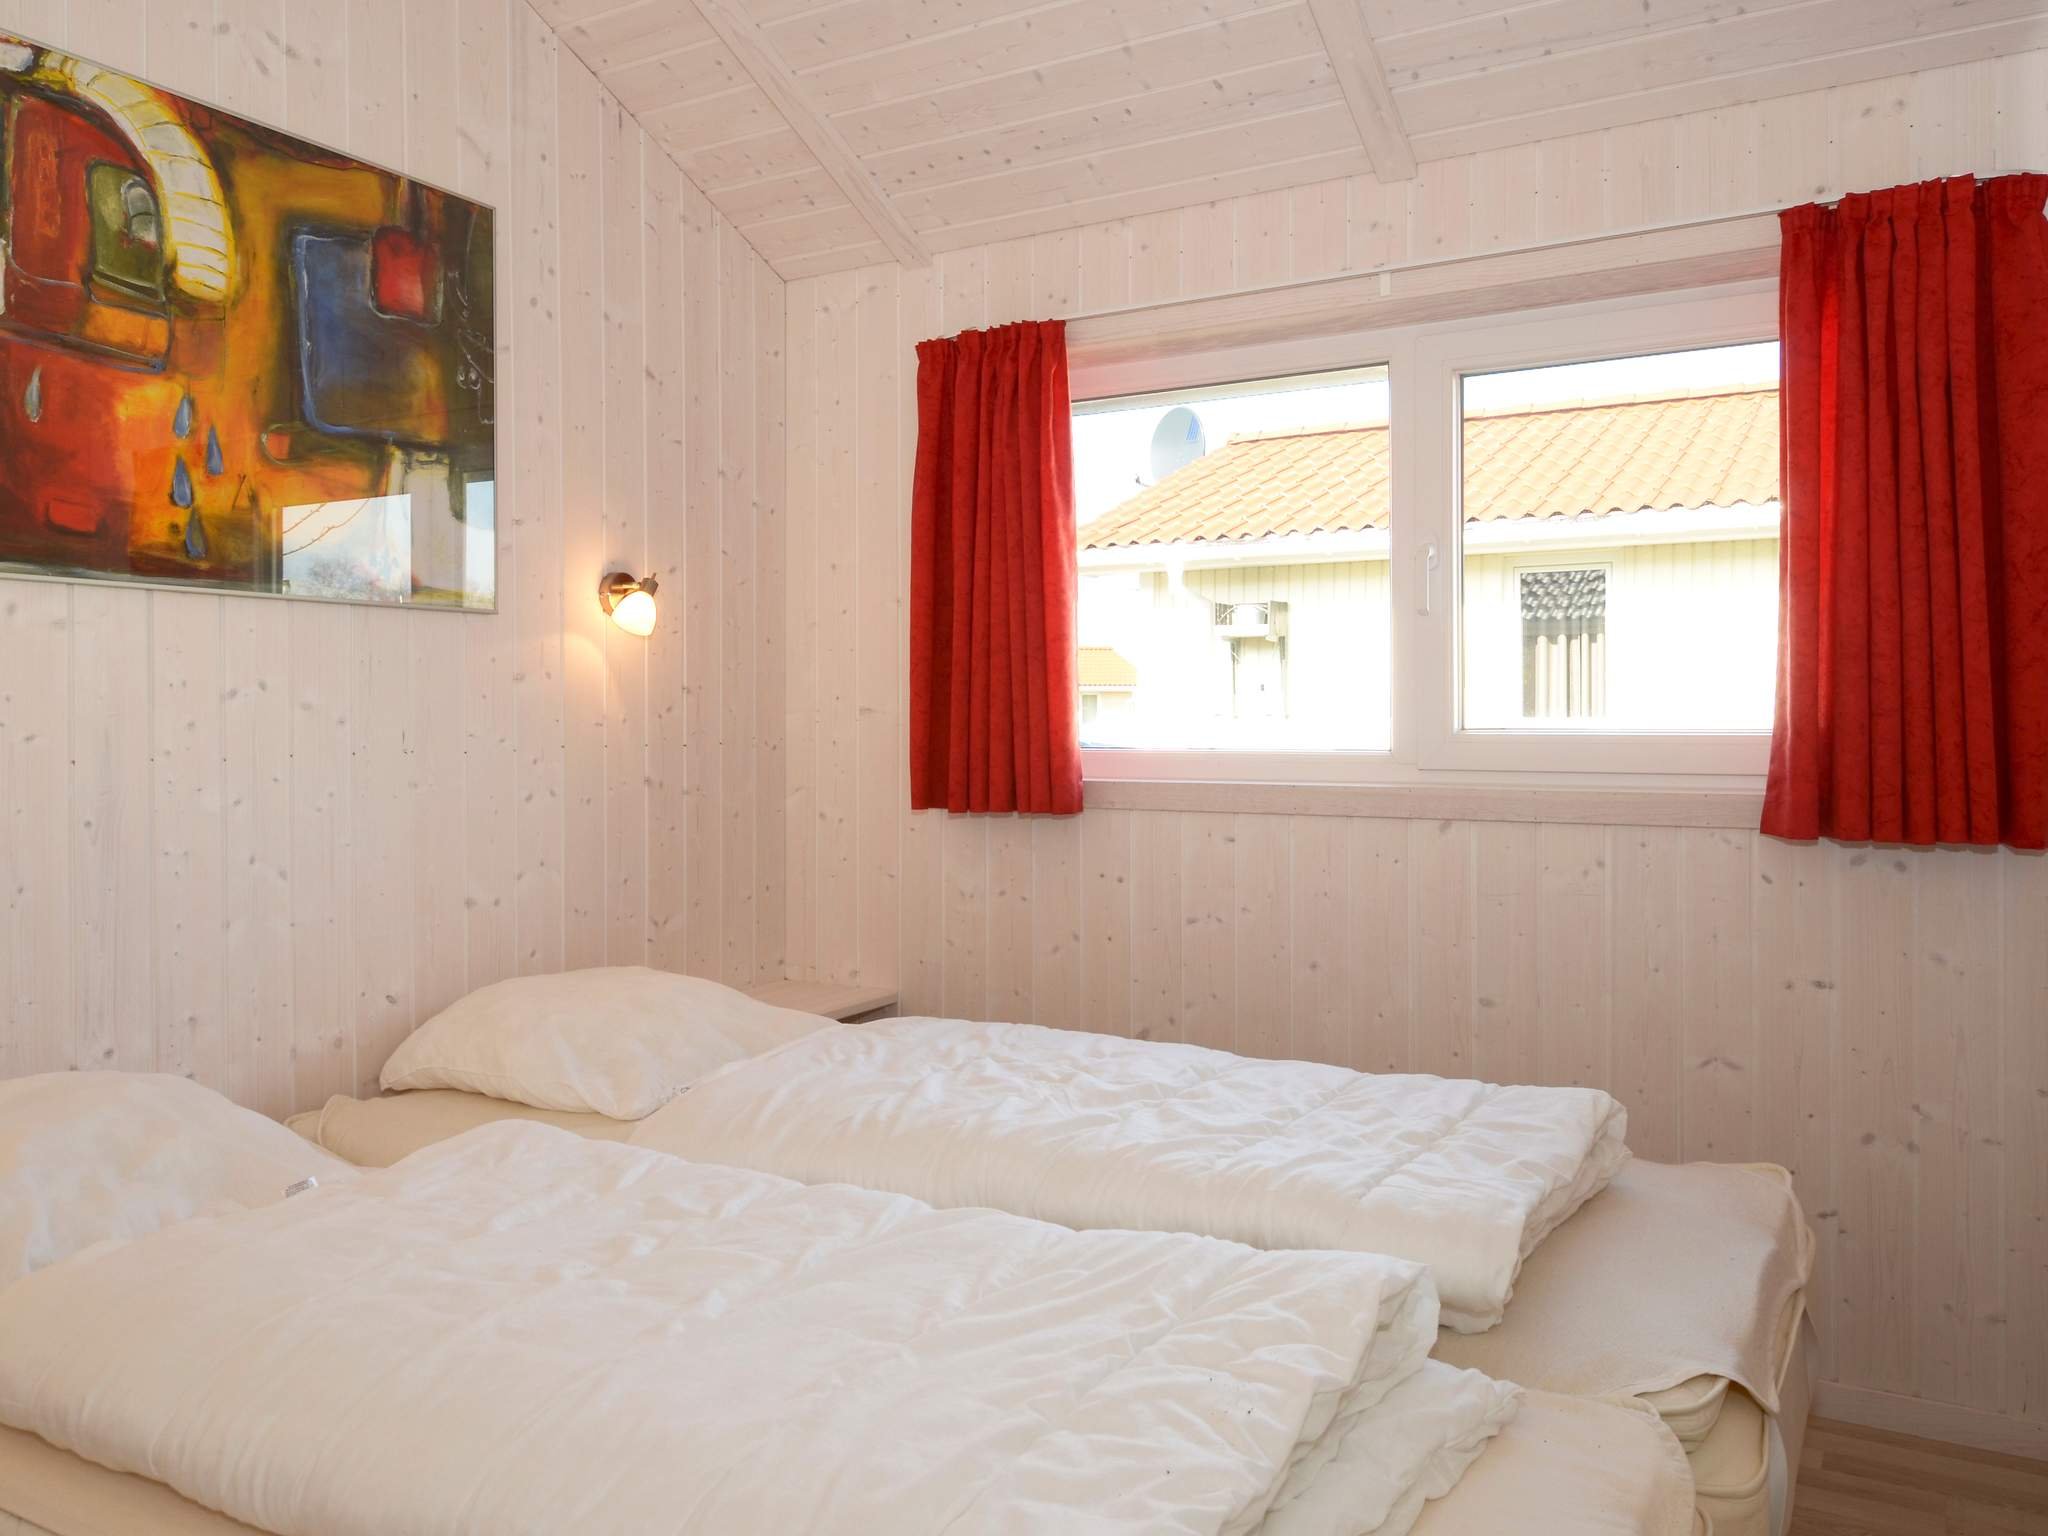 Maison de vacances Grömitz (433402), Grömitz, Baie de Lübeck, Schleswig-Holstein, Allemagne, image 7